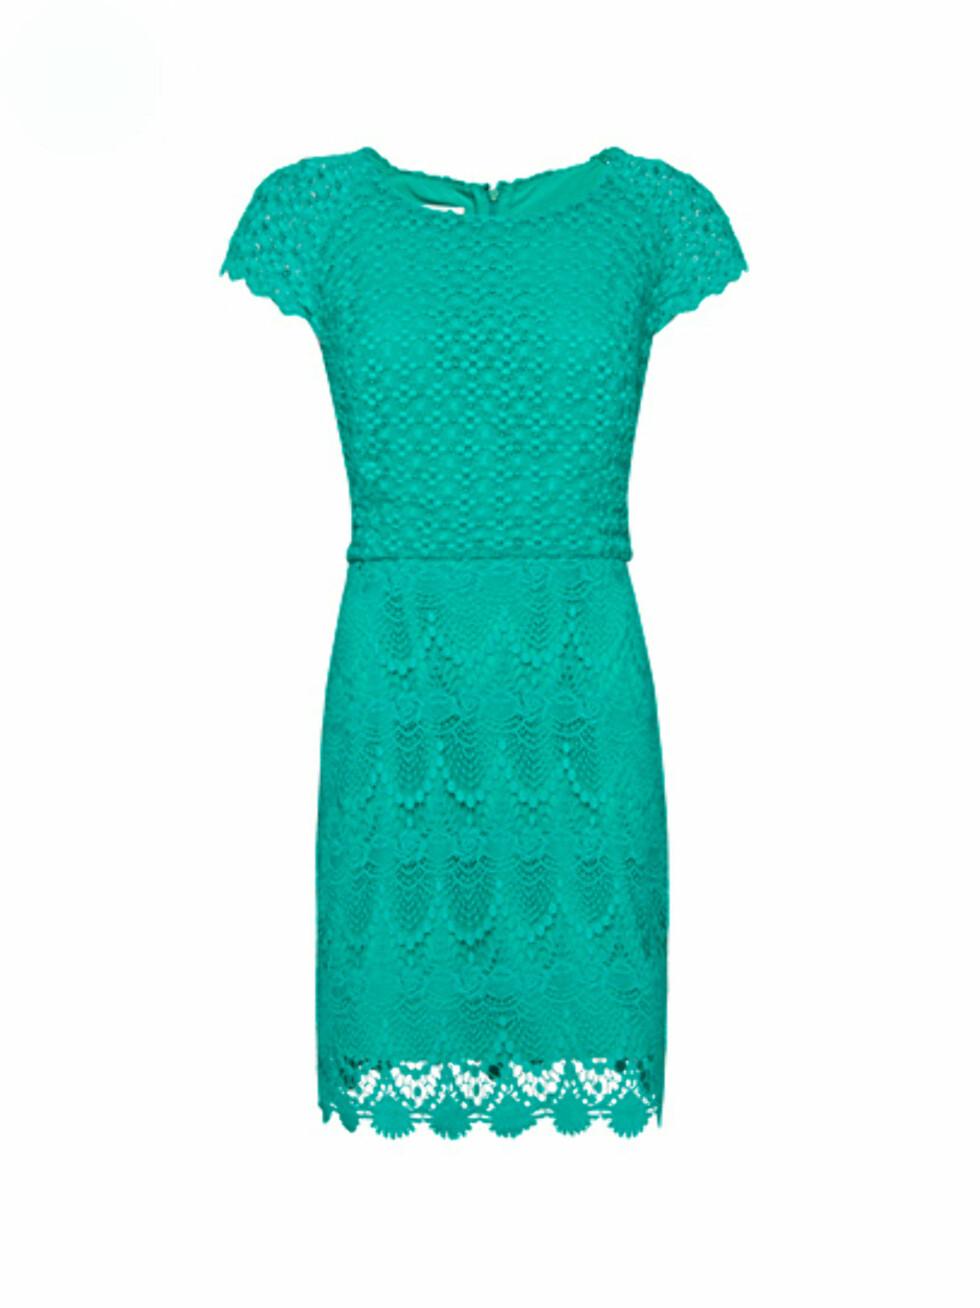 Grønn kjole (kr 699/Mango). Foto: Produsent